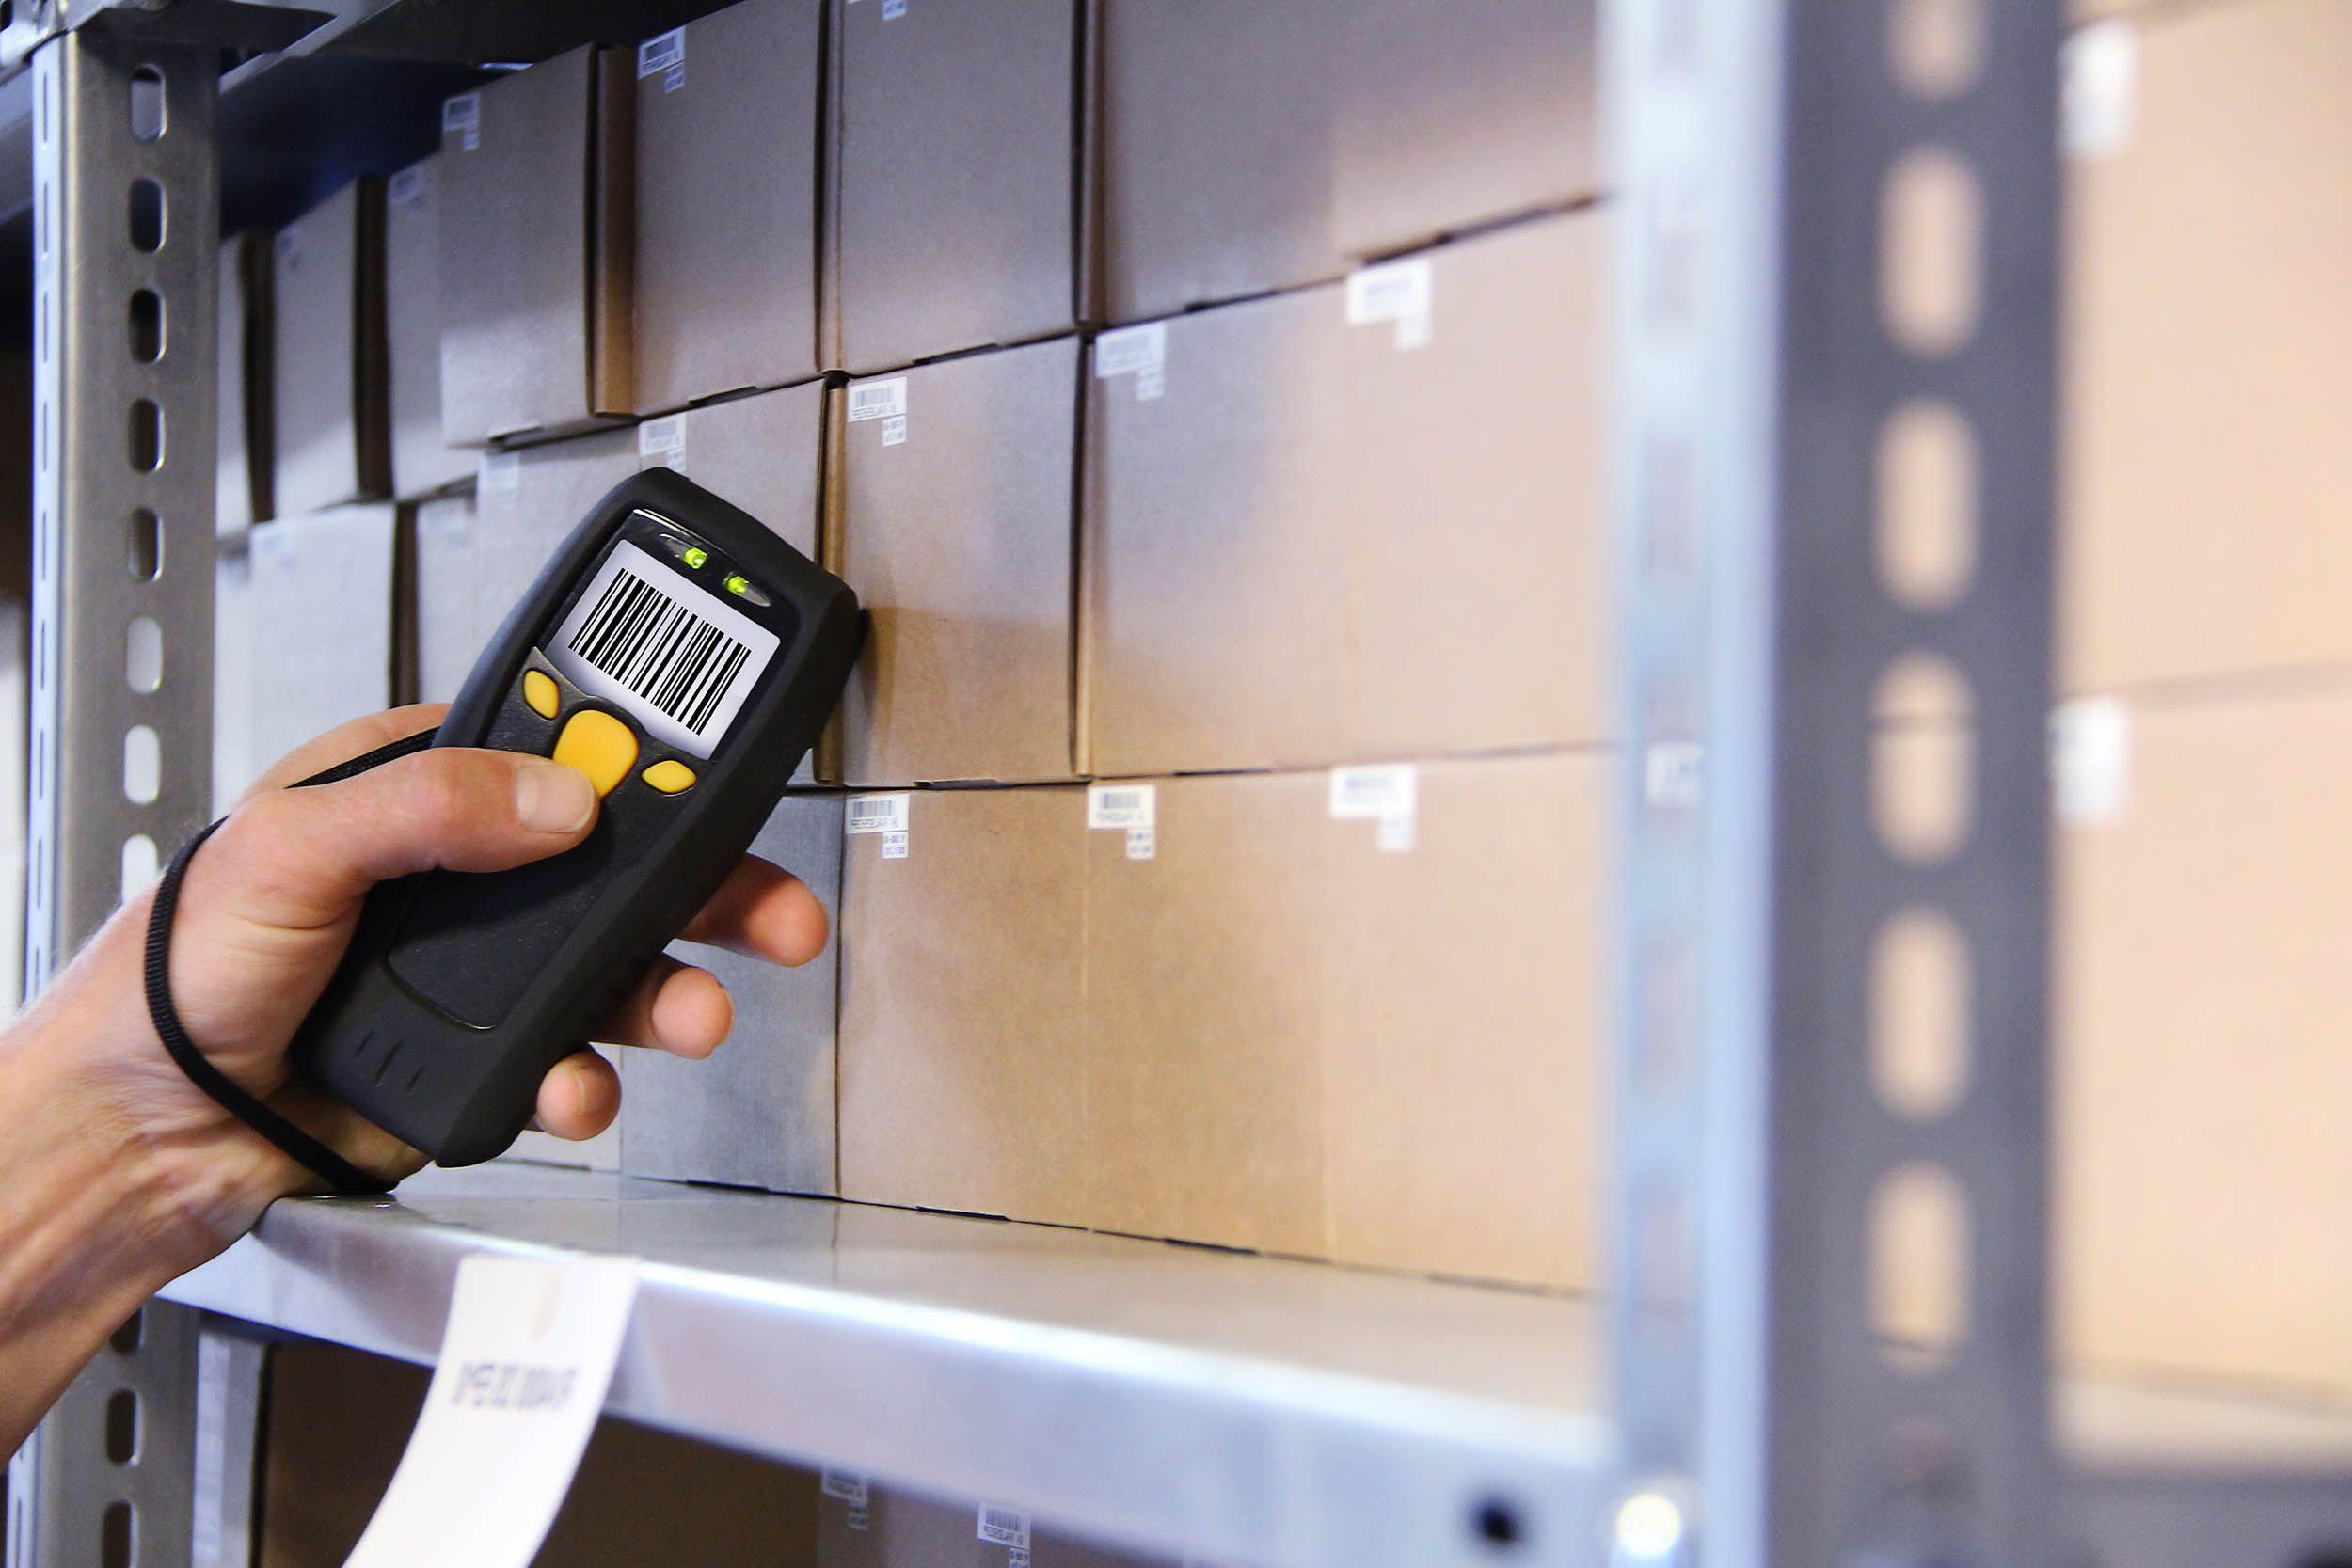 برنامج ادارة المخازن ومراقبة المخزون بى كريتيف افضل برنامج محاسبة للمخازن فى مصر والسعودية Barcode Scanner Scanner Barcode